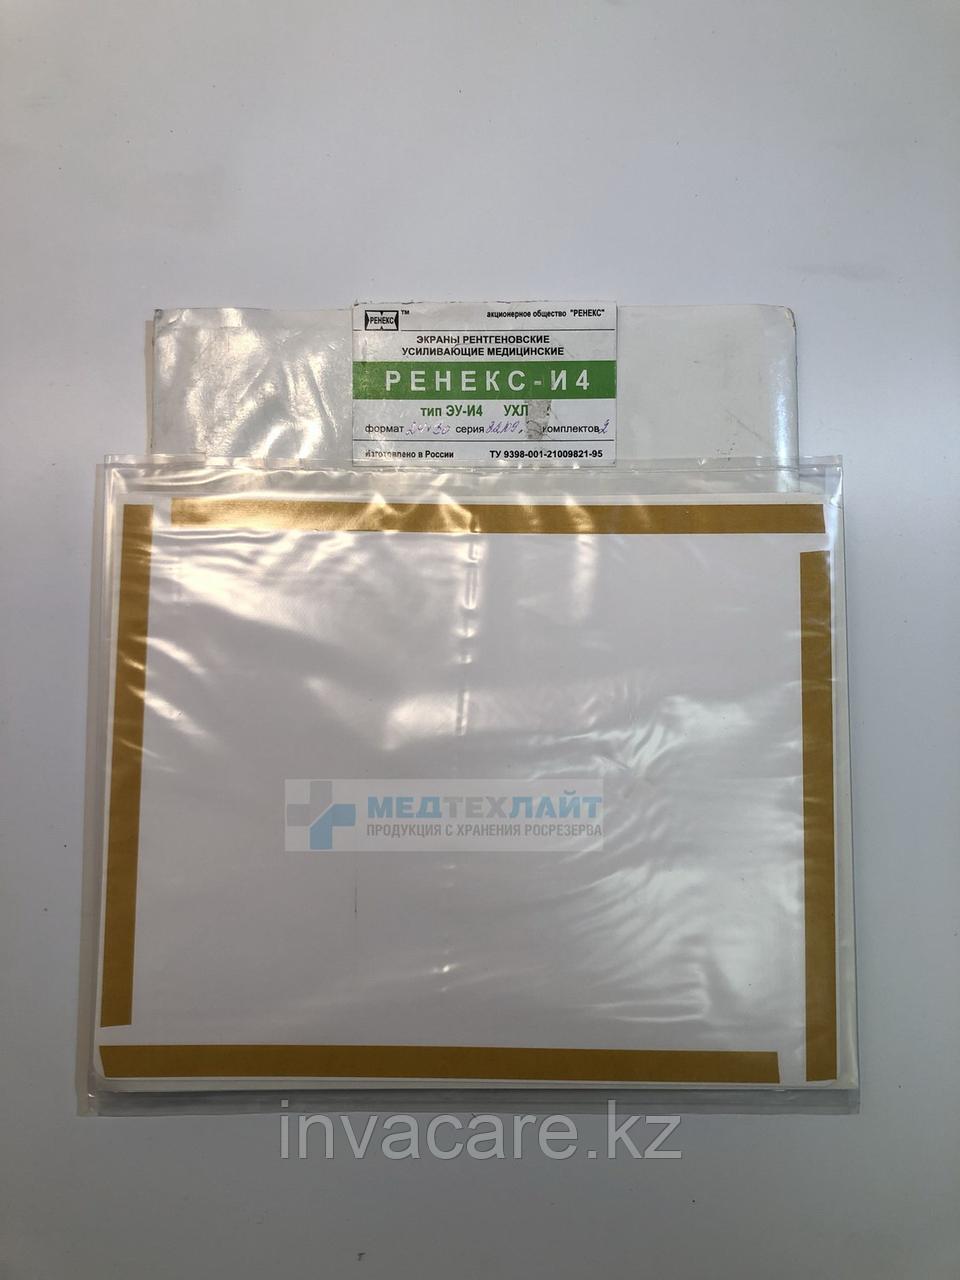 Экраны рентгеновские усиливающие медицинские Ренекс-И4 тип УЭ-И4 (24х30)